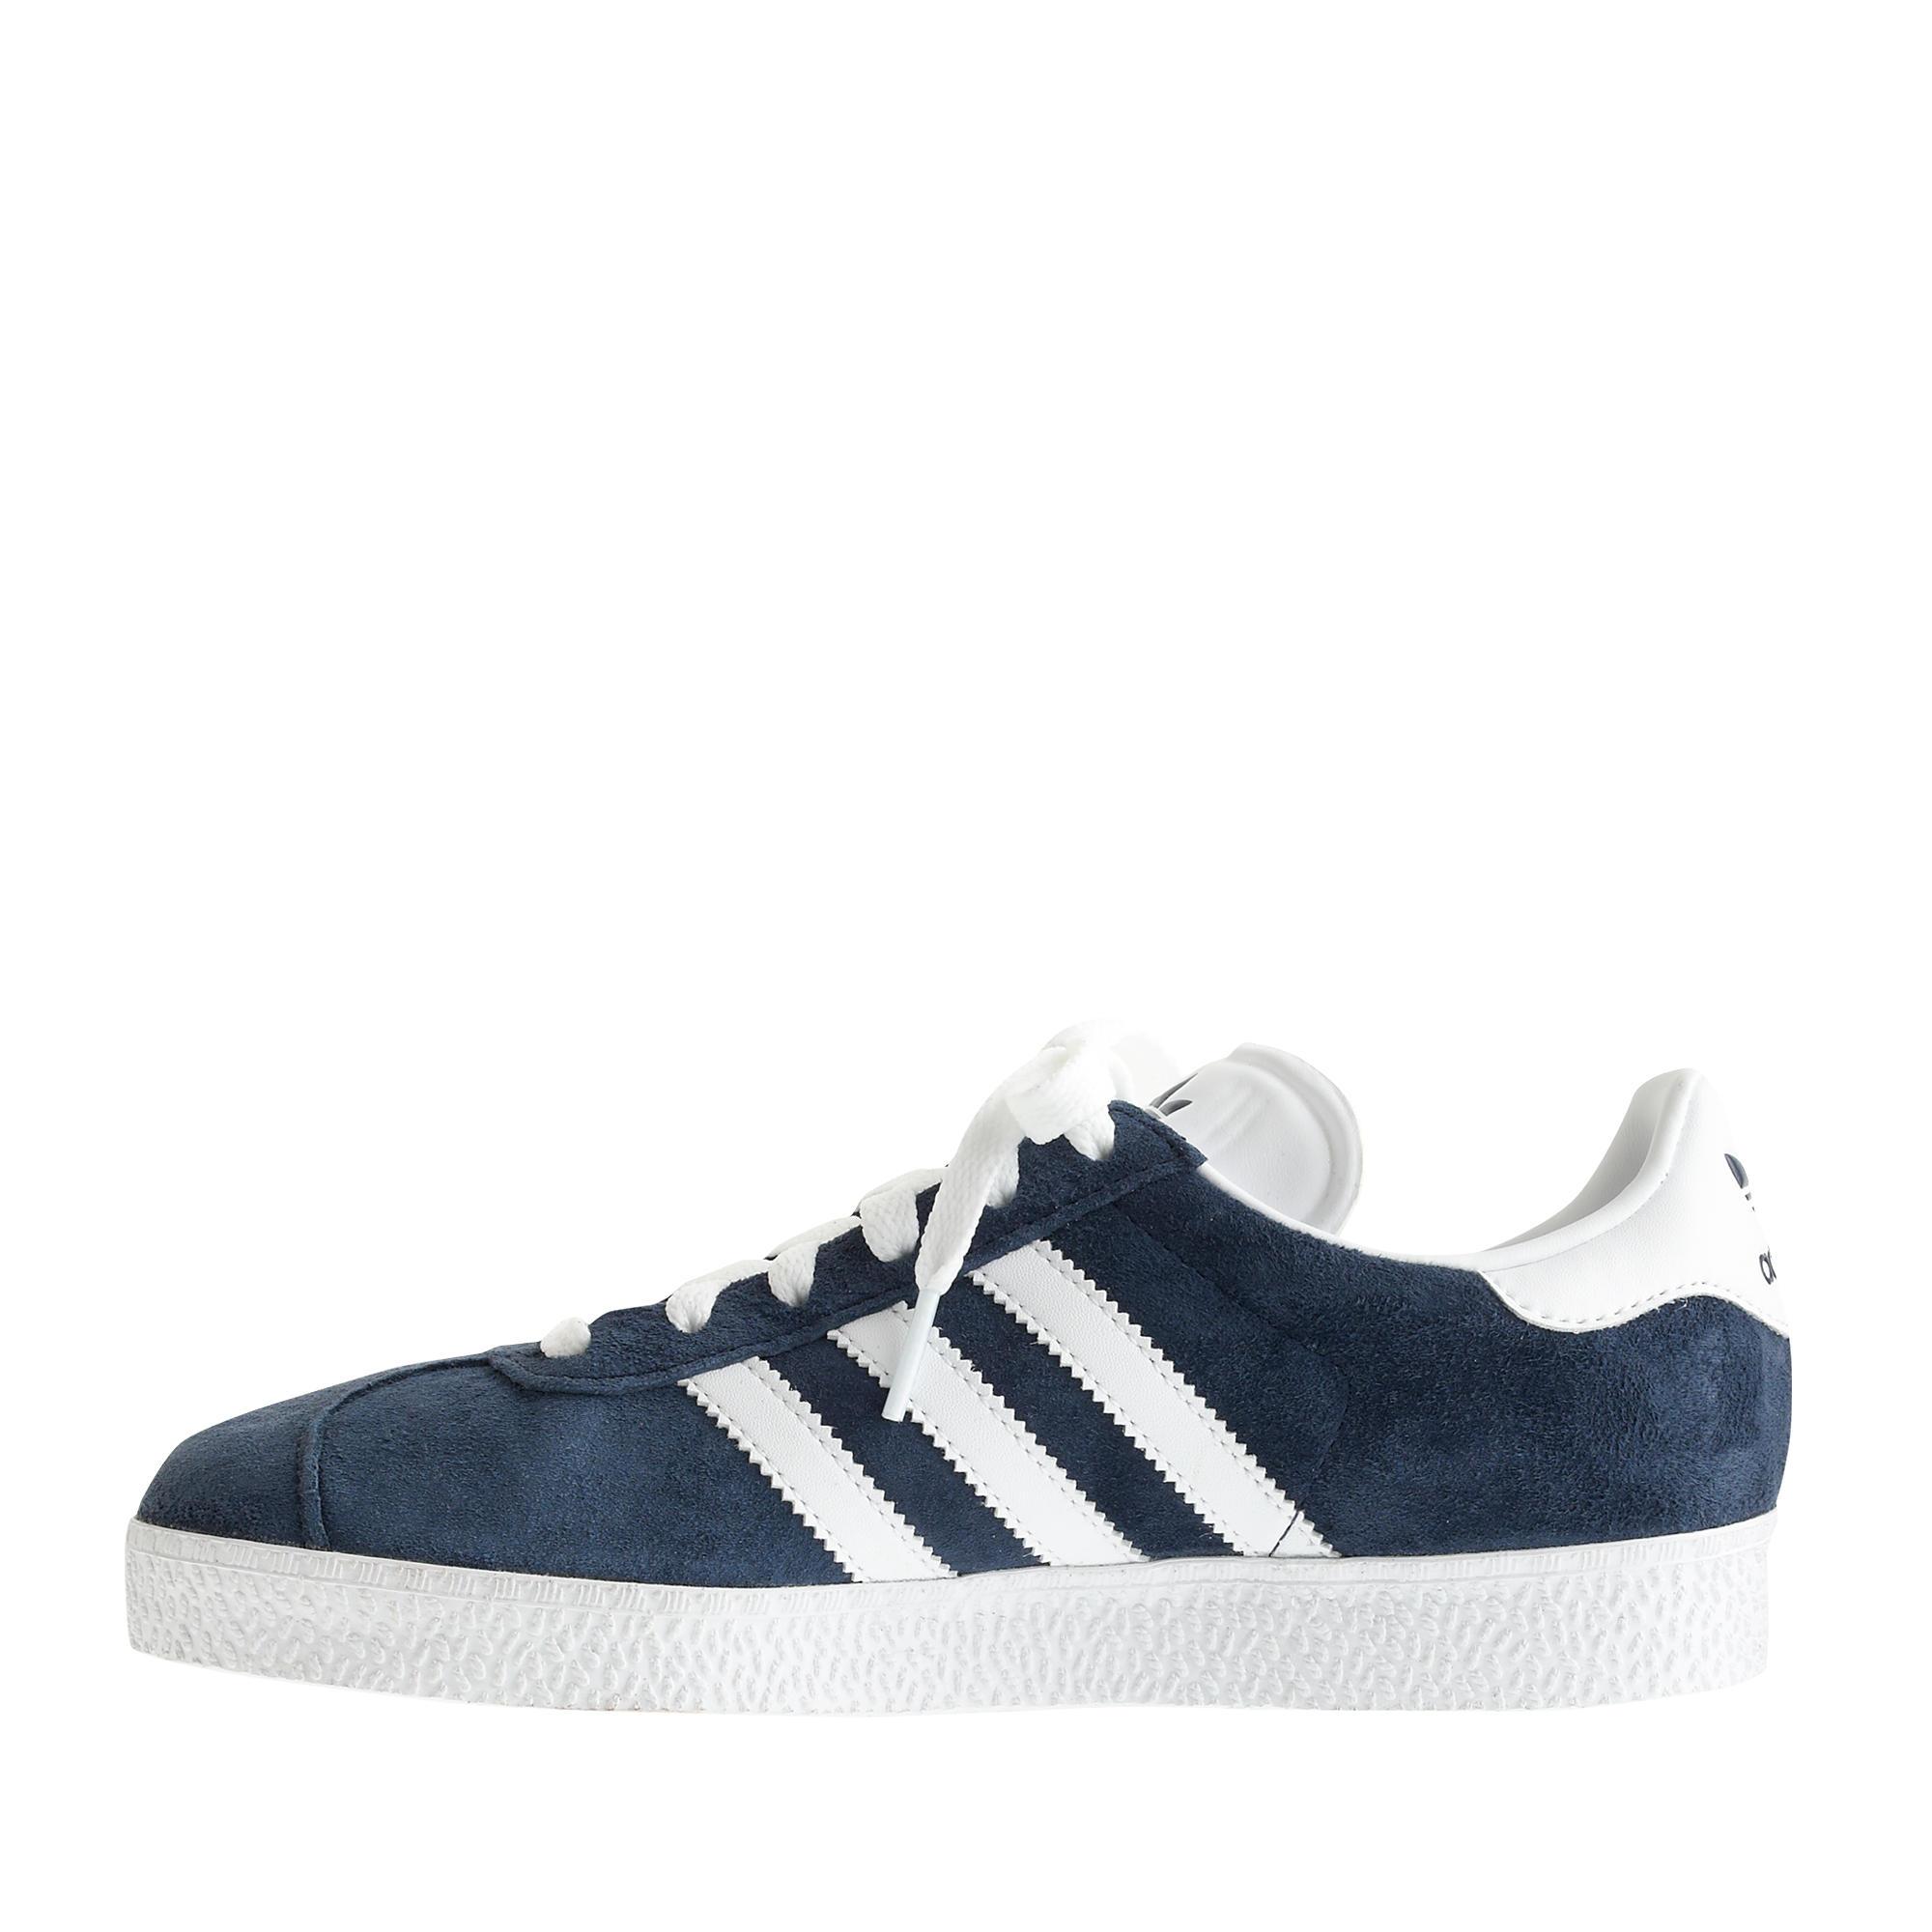 Lyst - J.Crew Unisex Adidas® Gazelle Sneakers in Blue 604645933